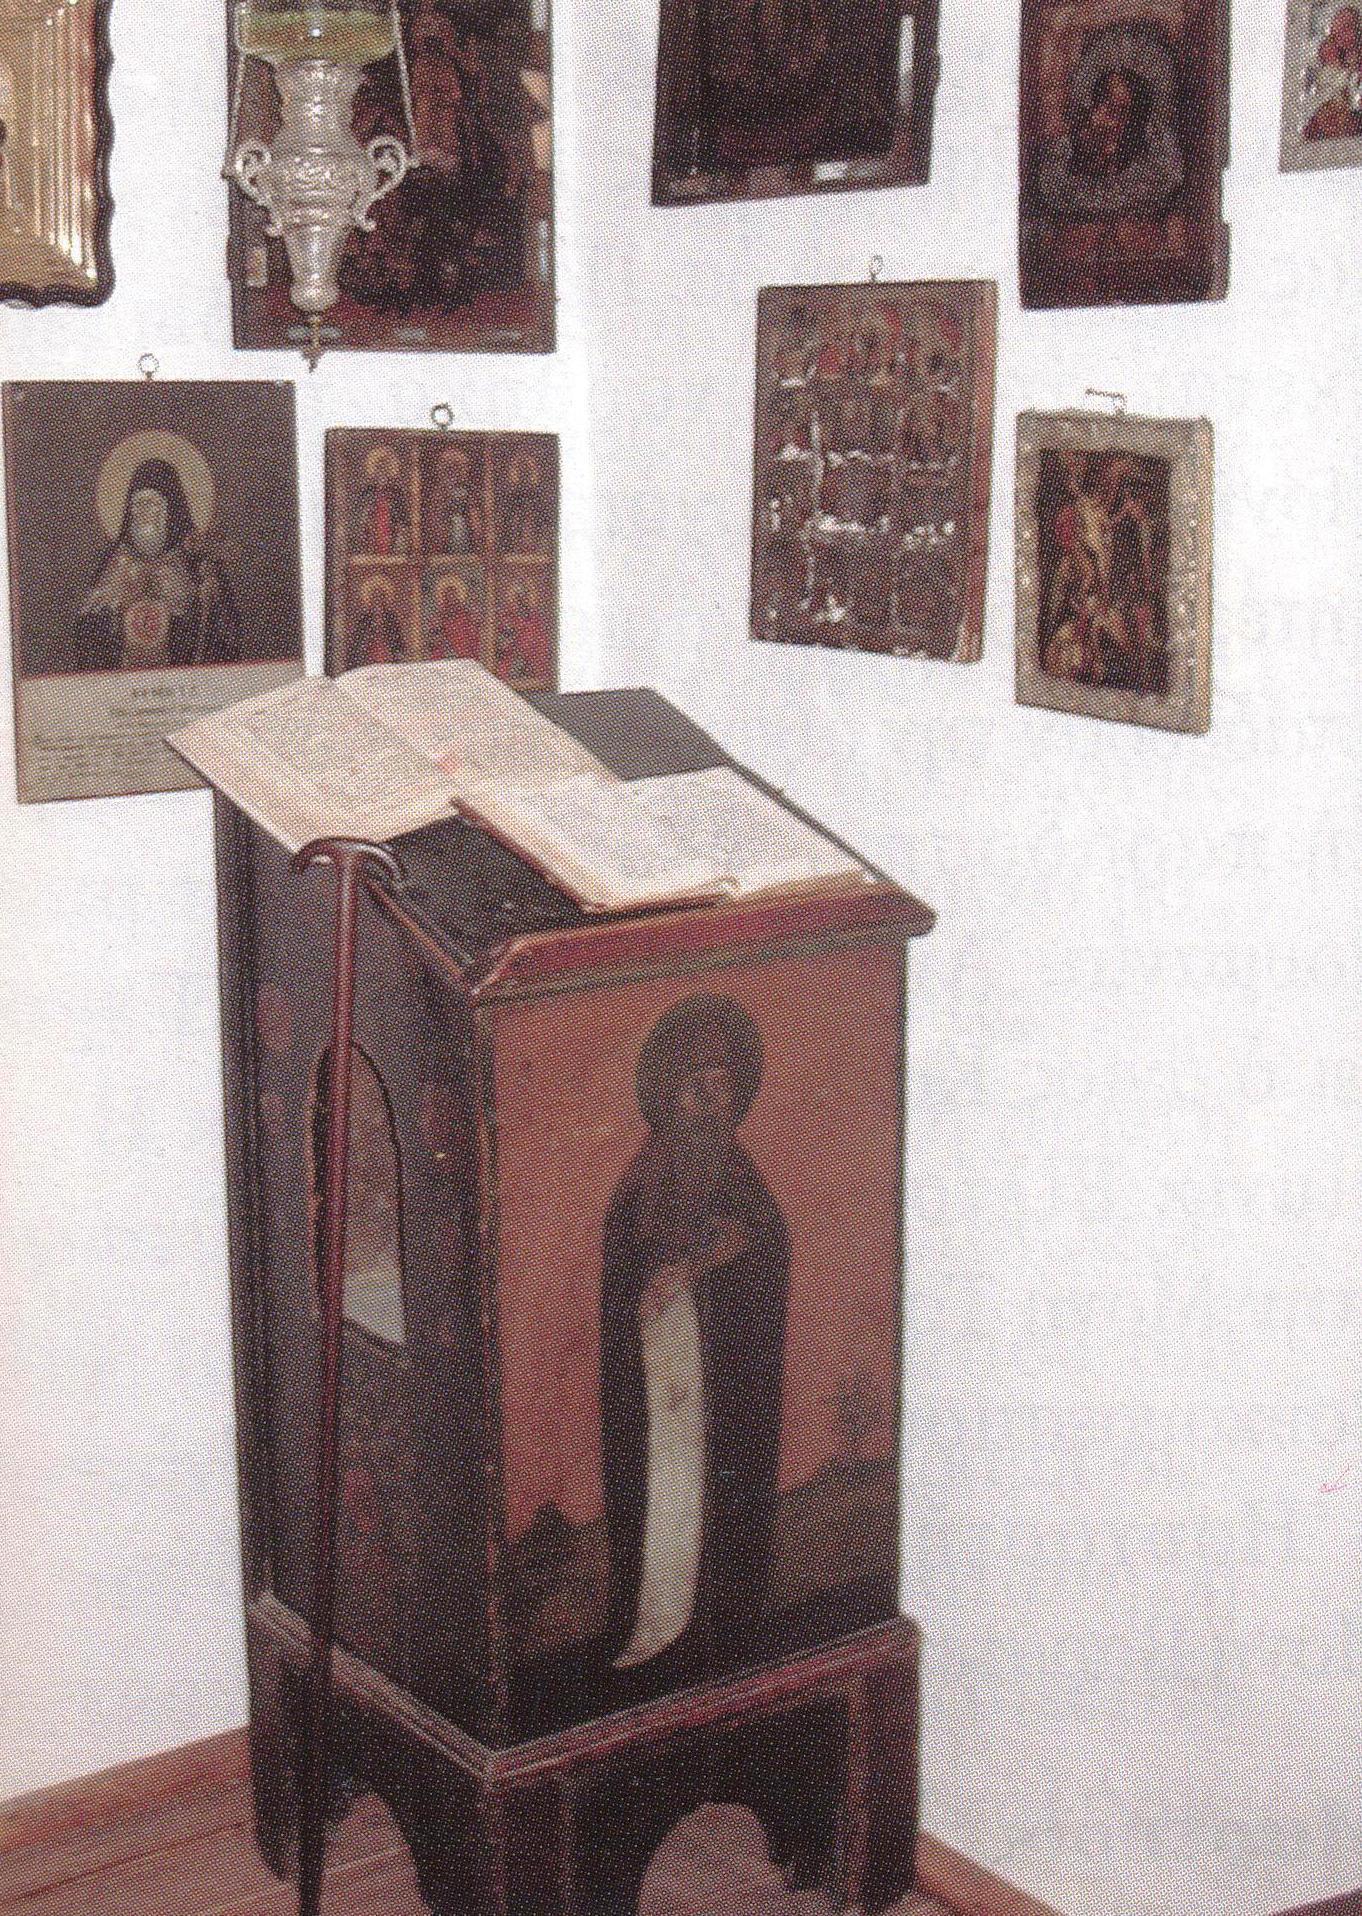 Προσωπικά αντι¬κείμενα οσίου Παϊσίου Βελιτσκόφσκυ τα οποία βρίσκονται στην Μονή Νεάμτς.